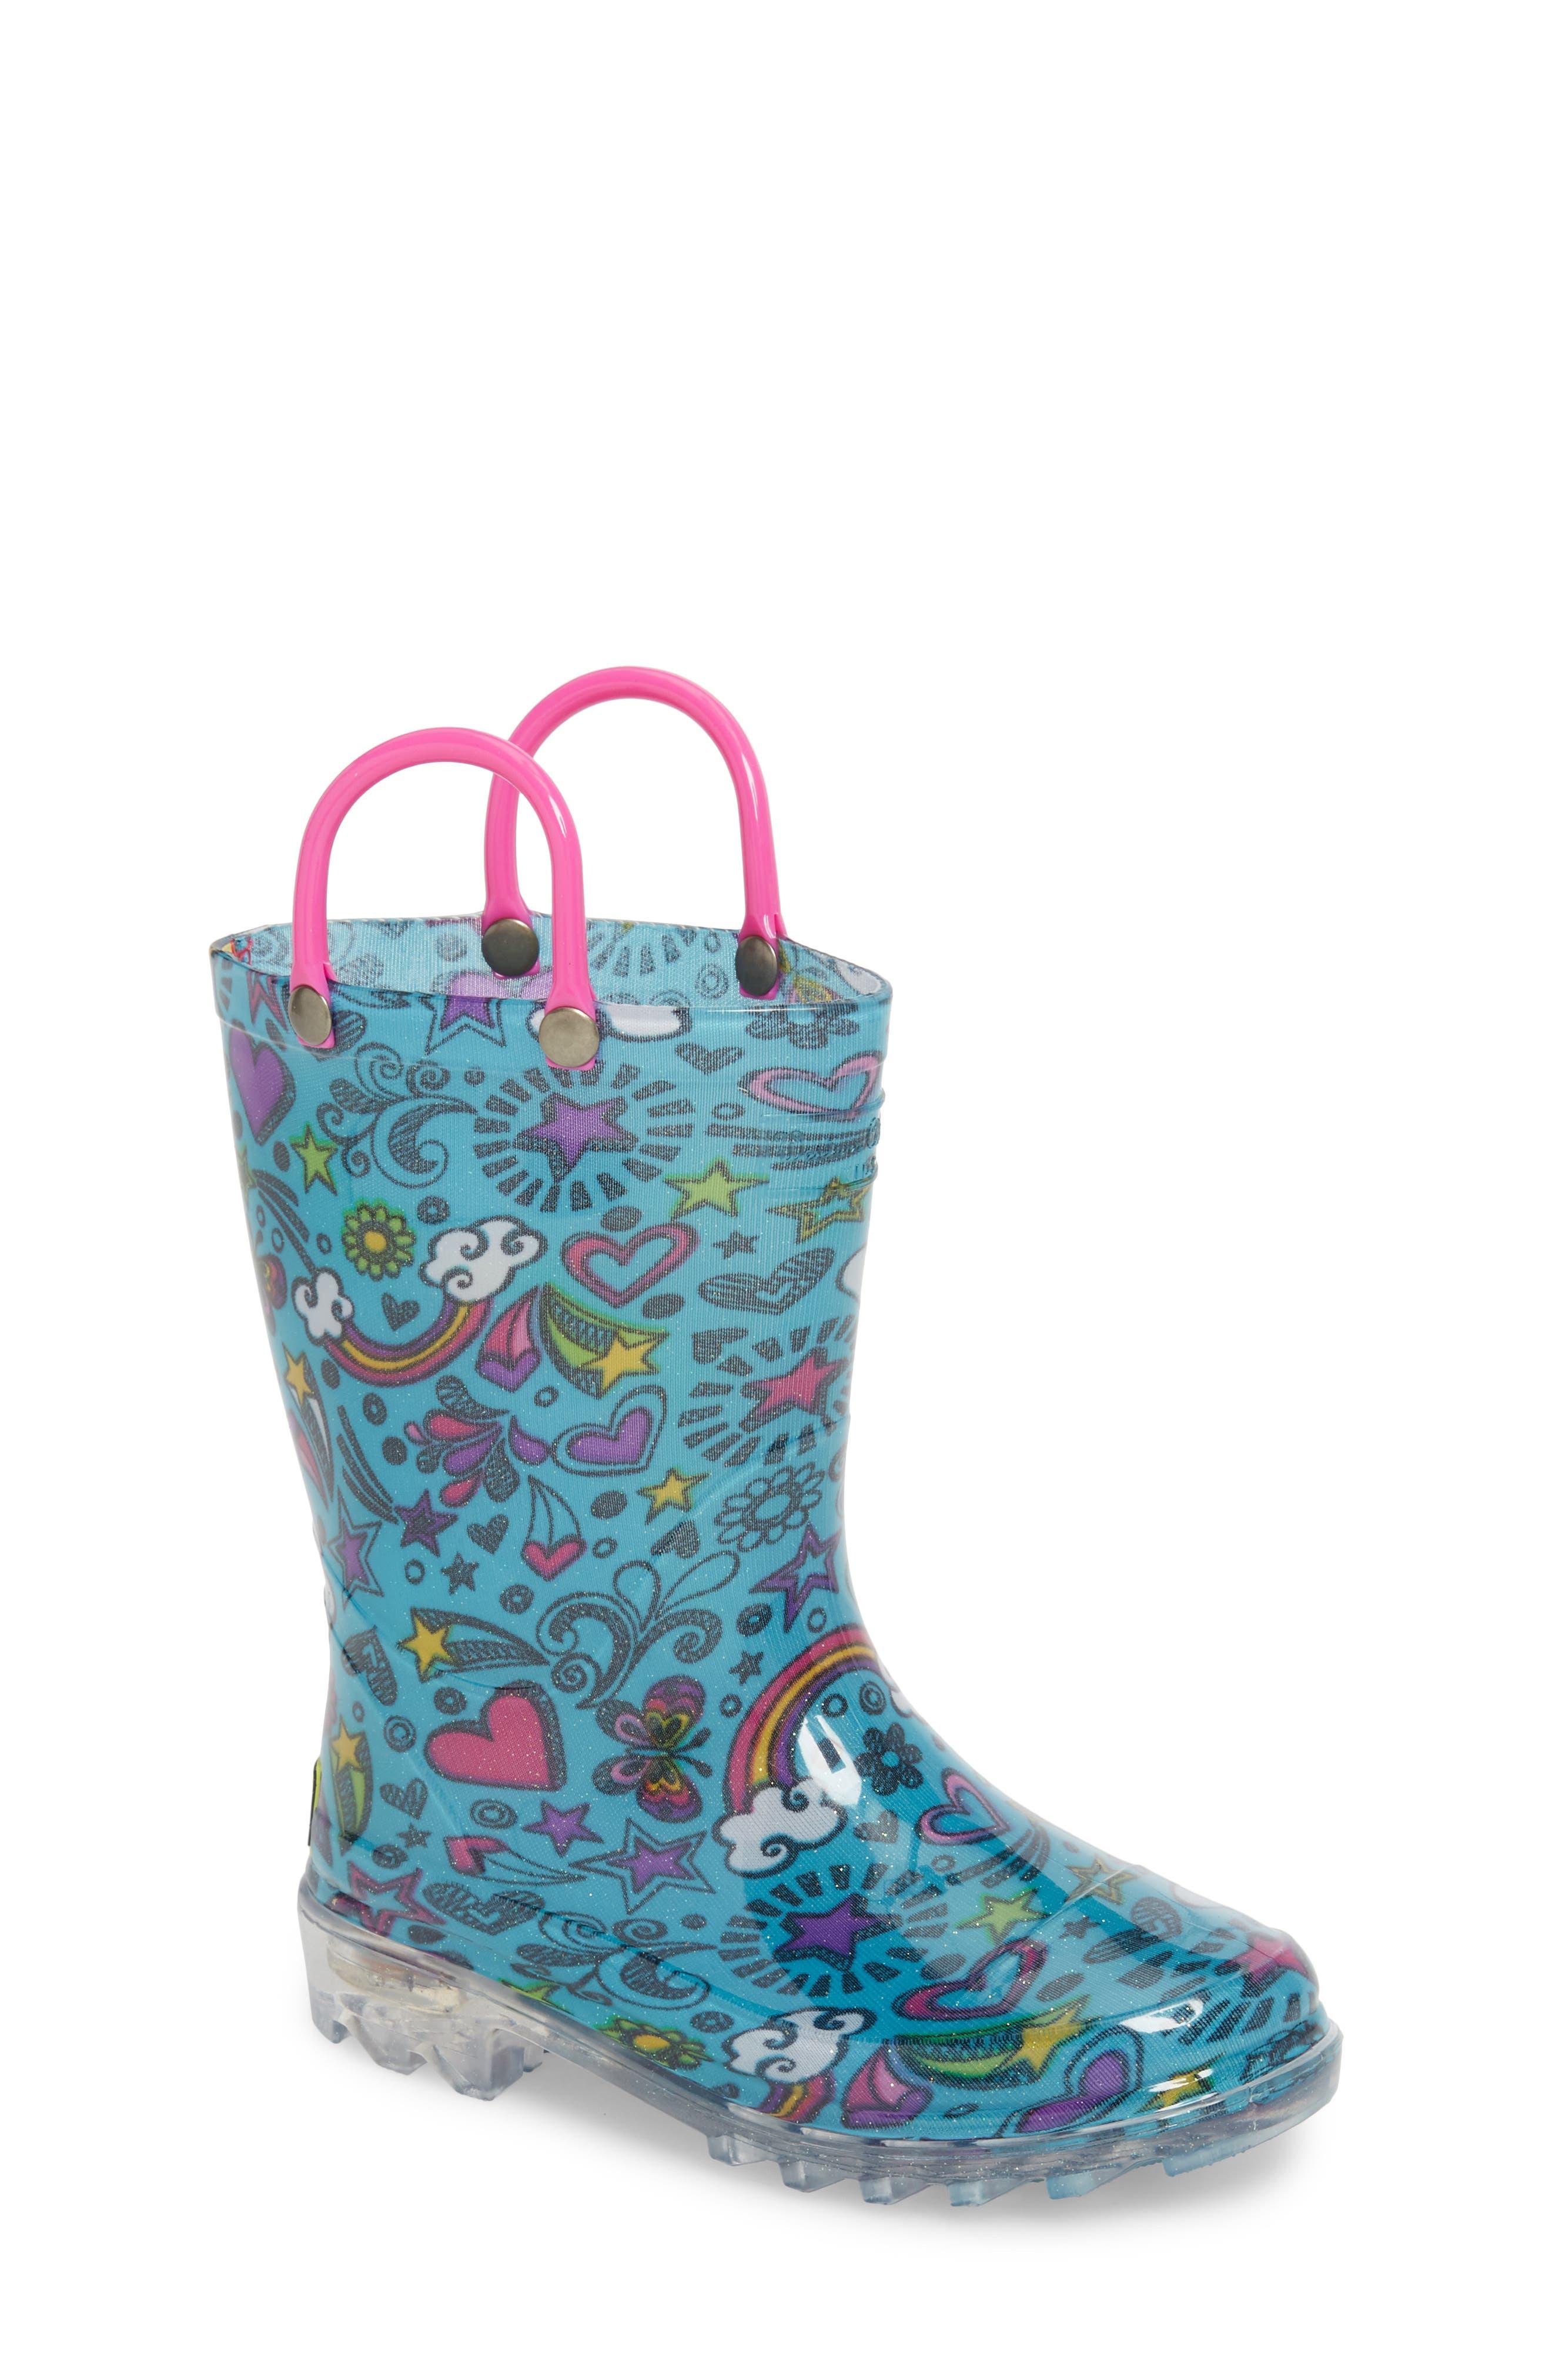 Sketchbook Light-Up Rain Boot,                         Main,                         color, Teal